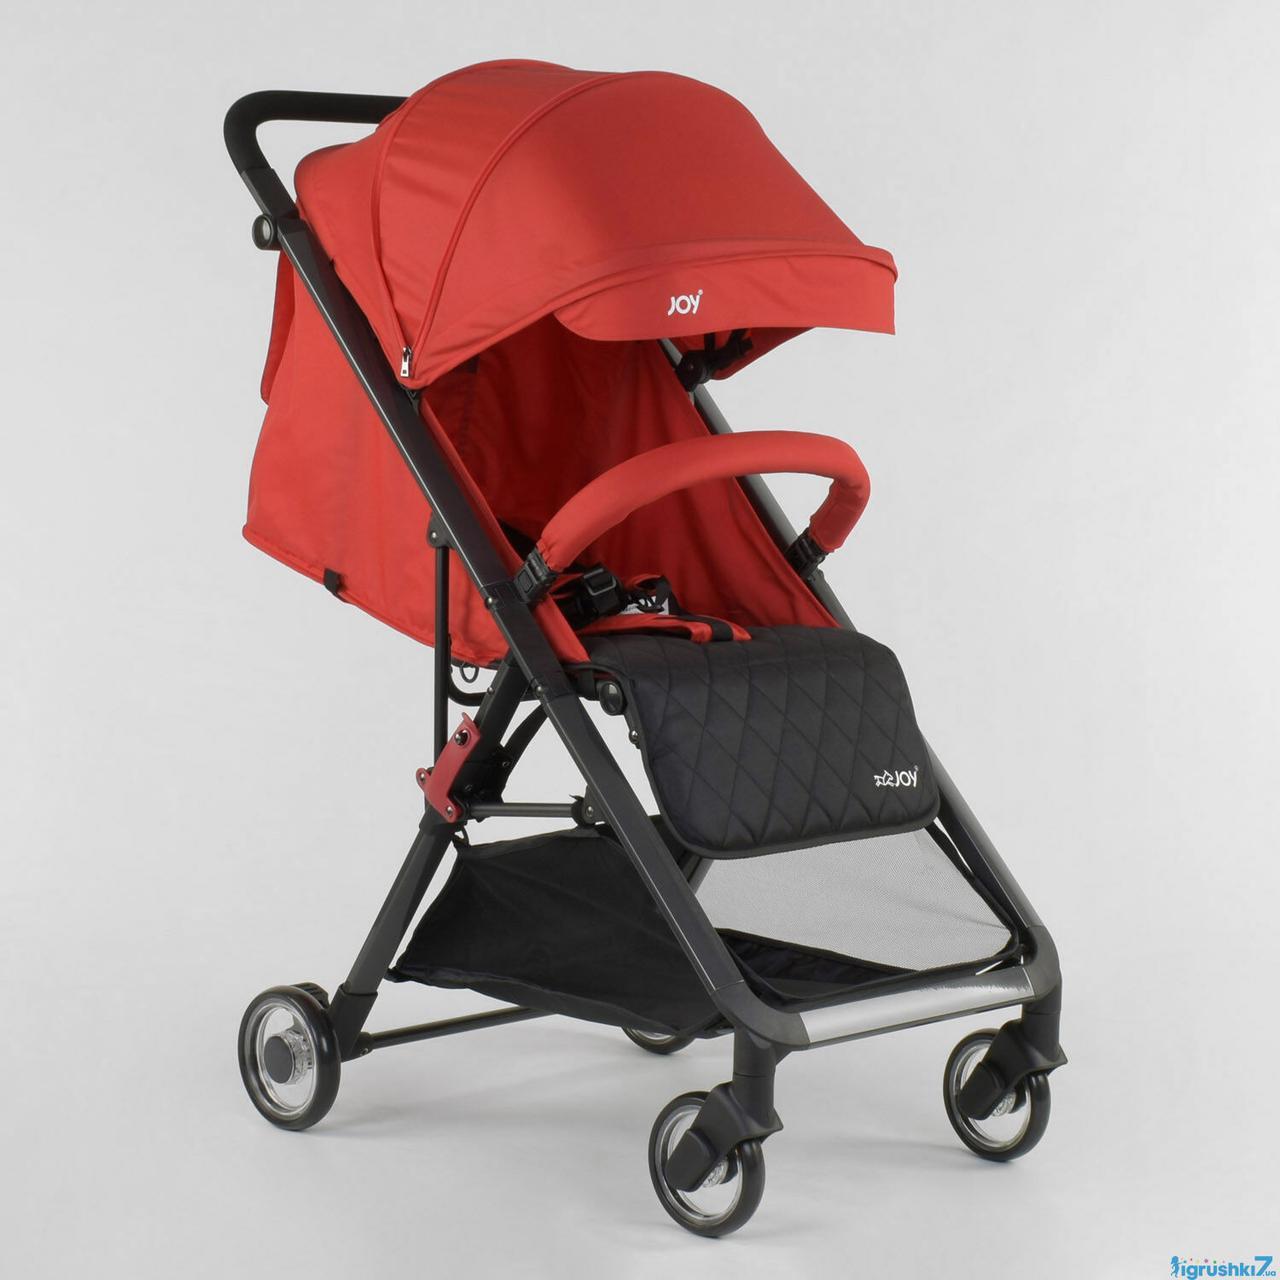 Коляска прогулочная детская 80747 JOY Kamelia чехол на ножки красный